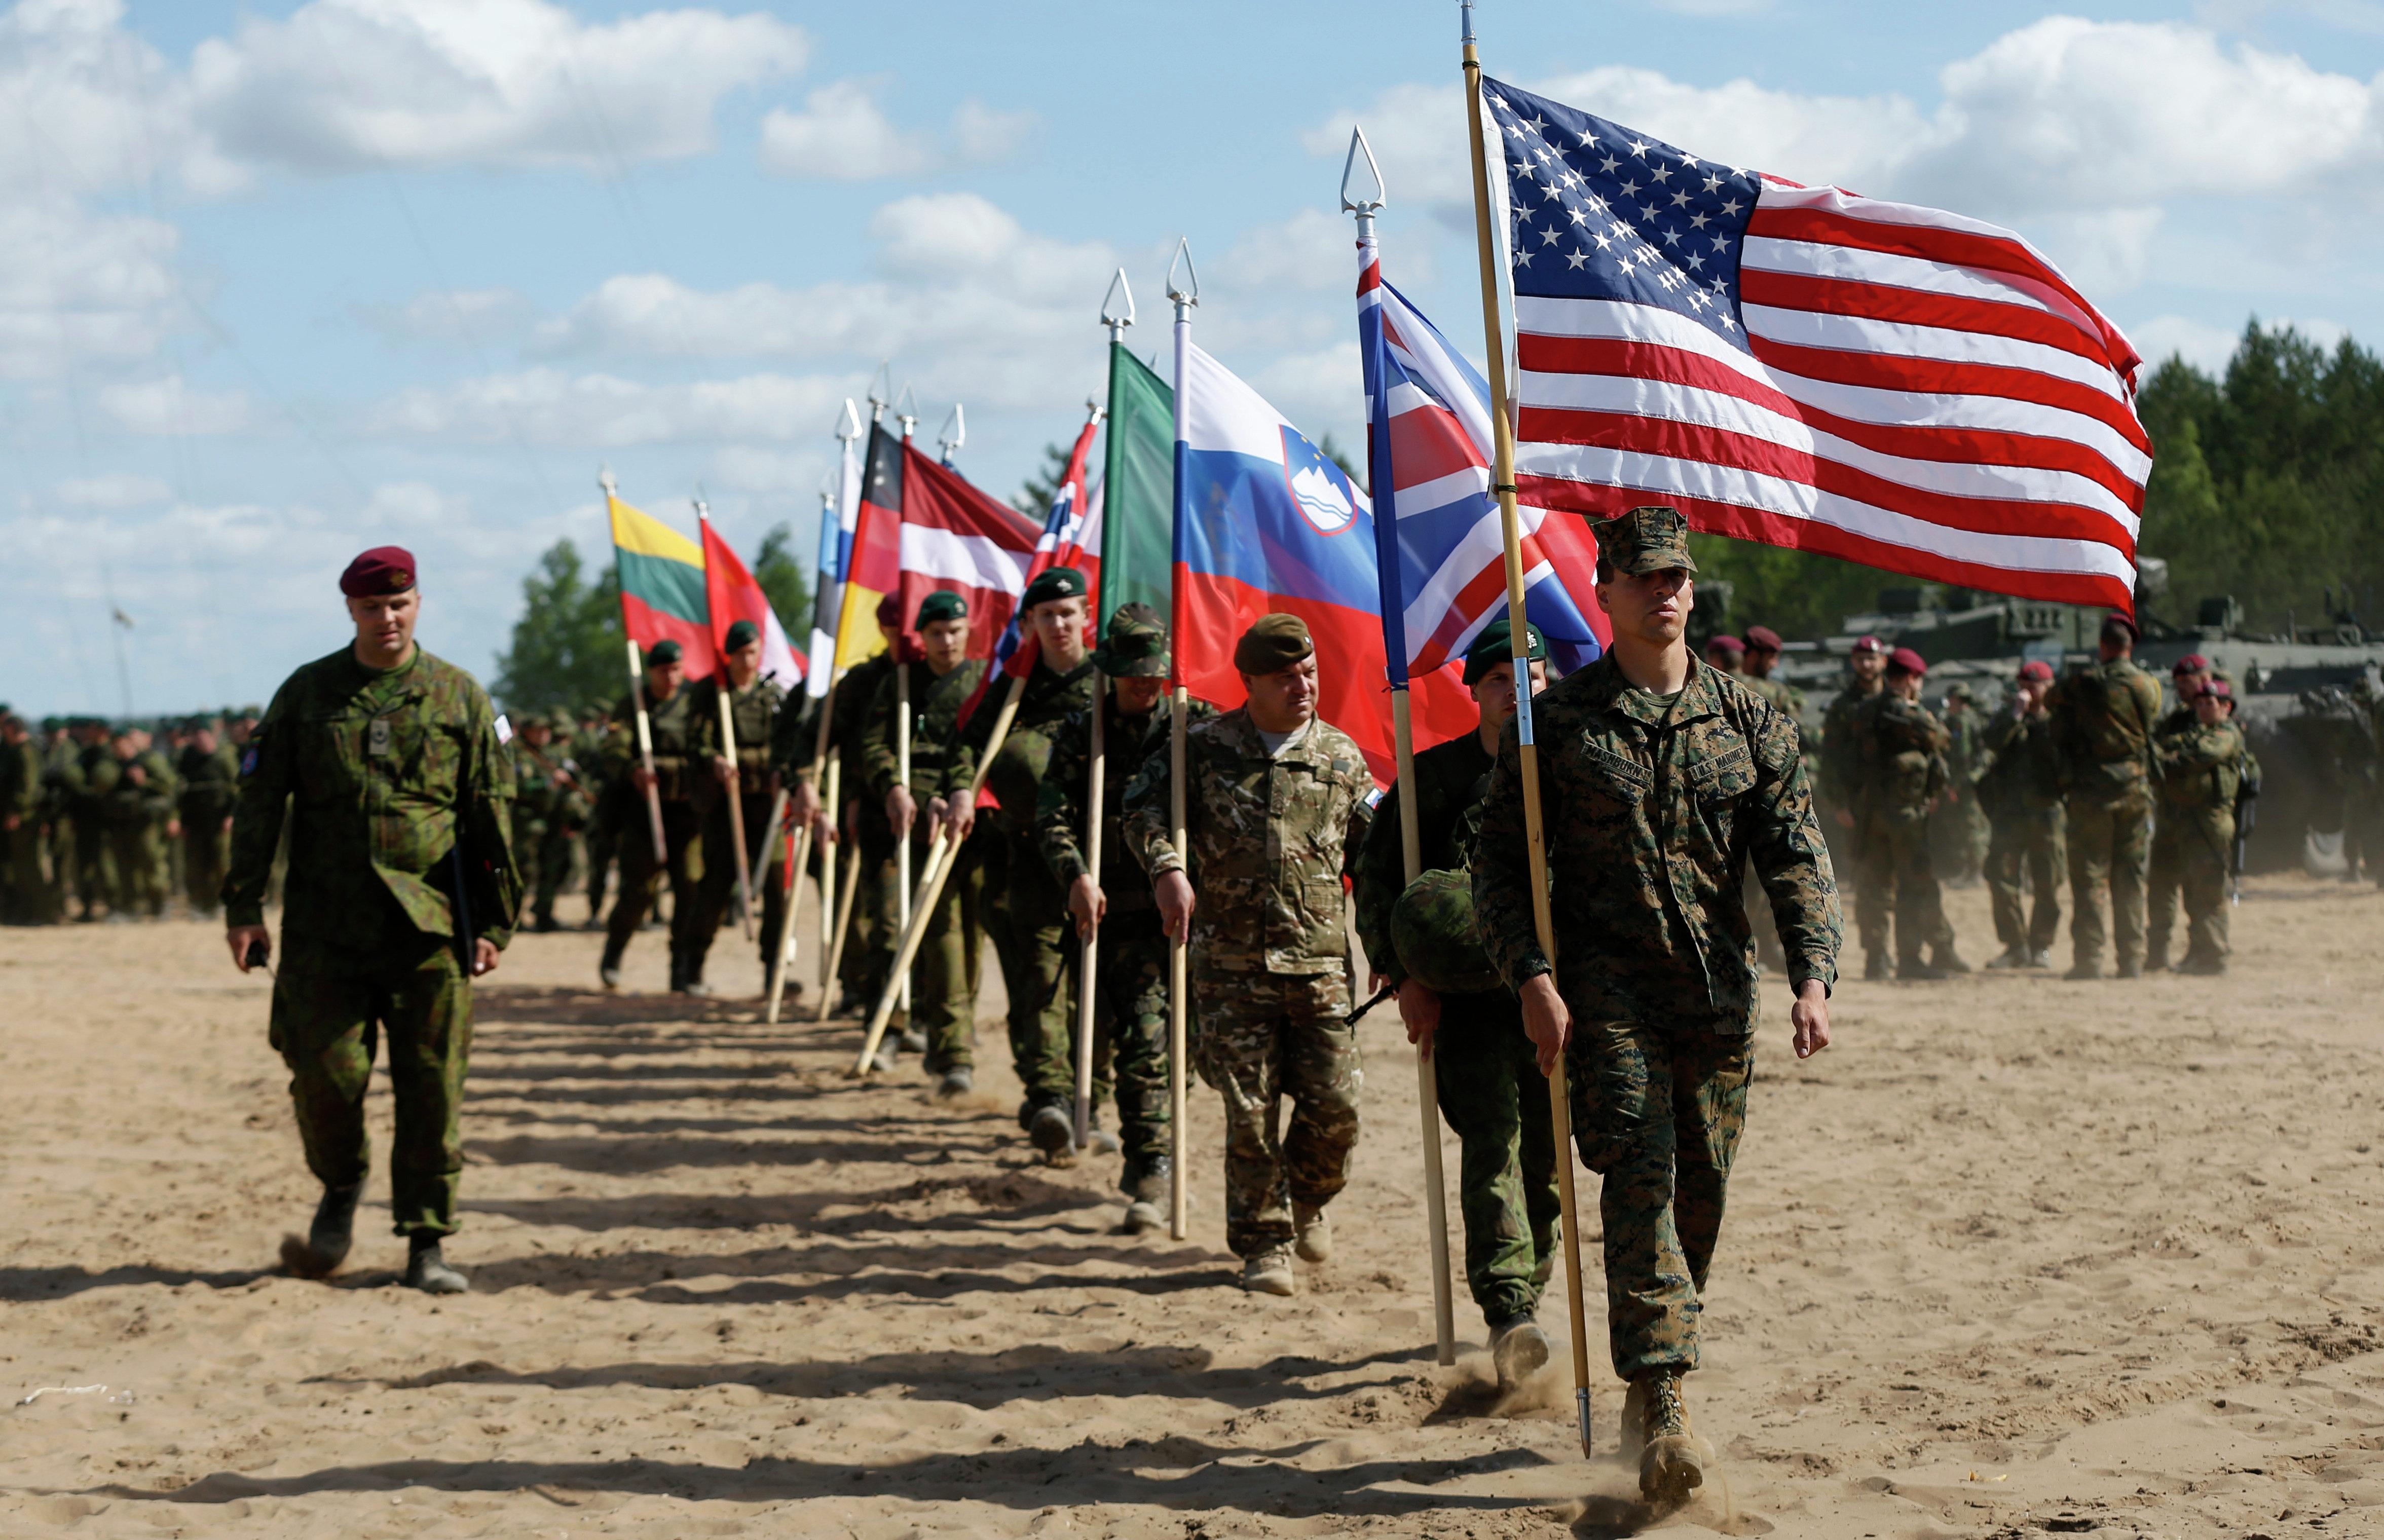 Binh lính từ các nước thành viên NATO tham gia tập trận quân sự Saber Strike 2015 (Ảnh: Sputnik)